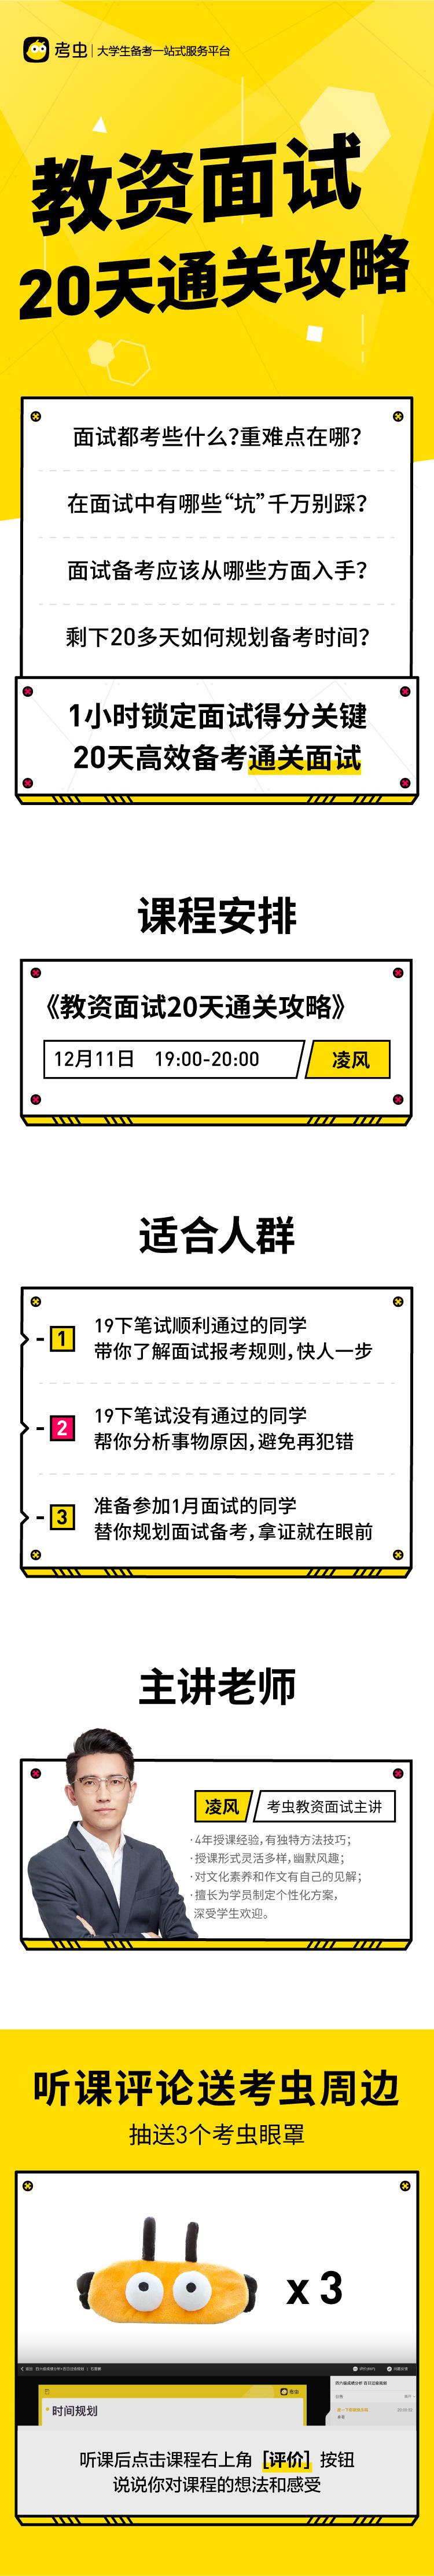 详情页2.jpg